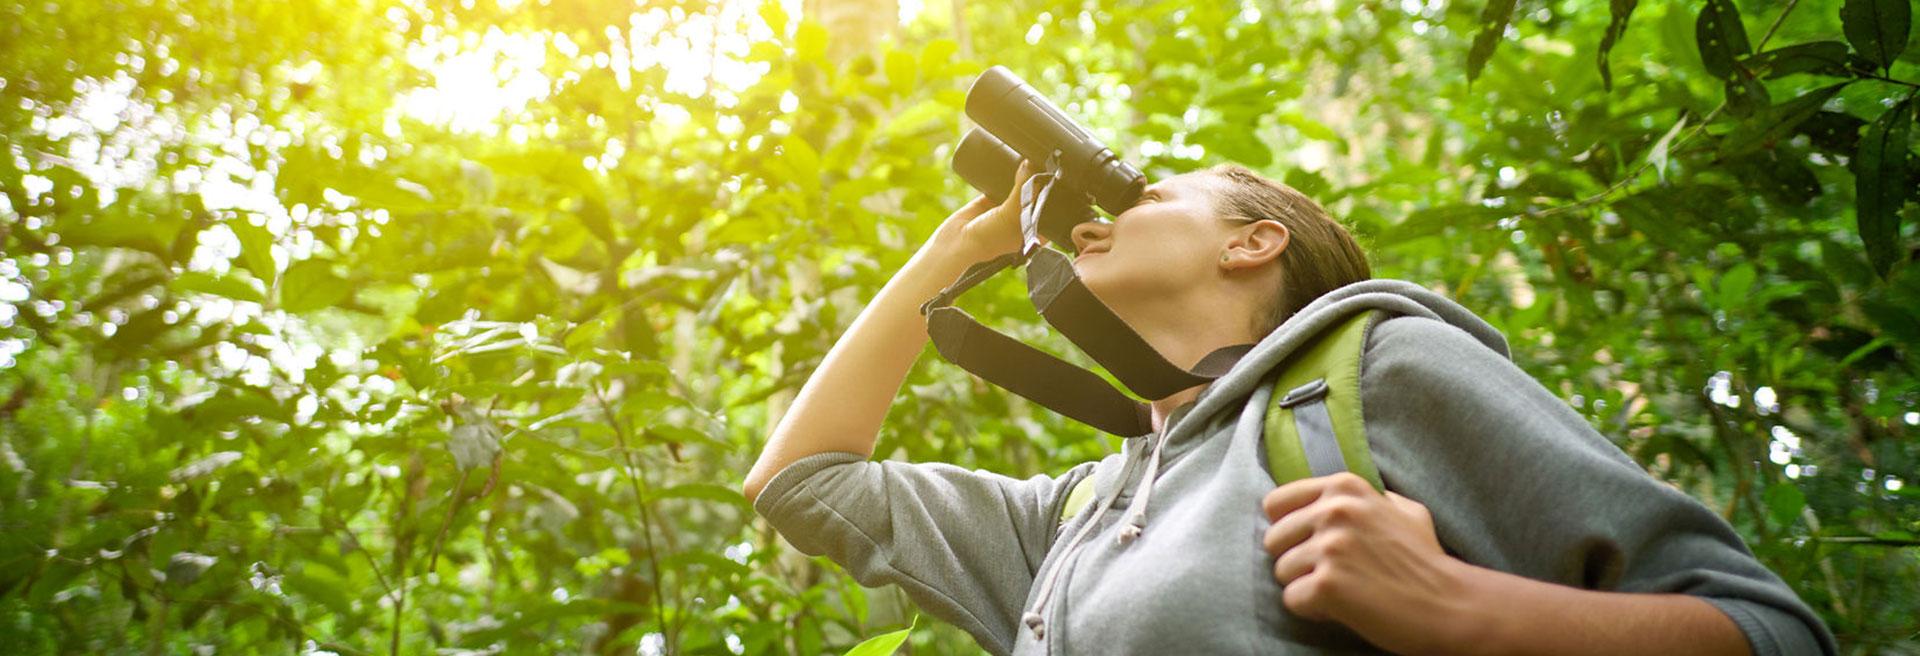 Rangirigama Birding Trail